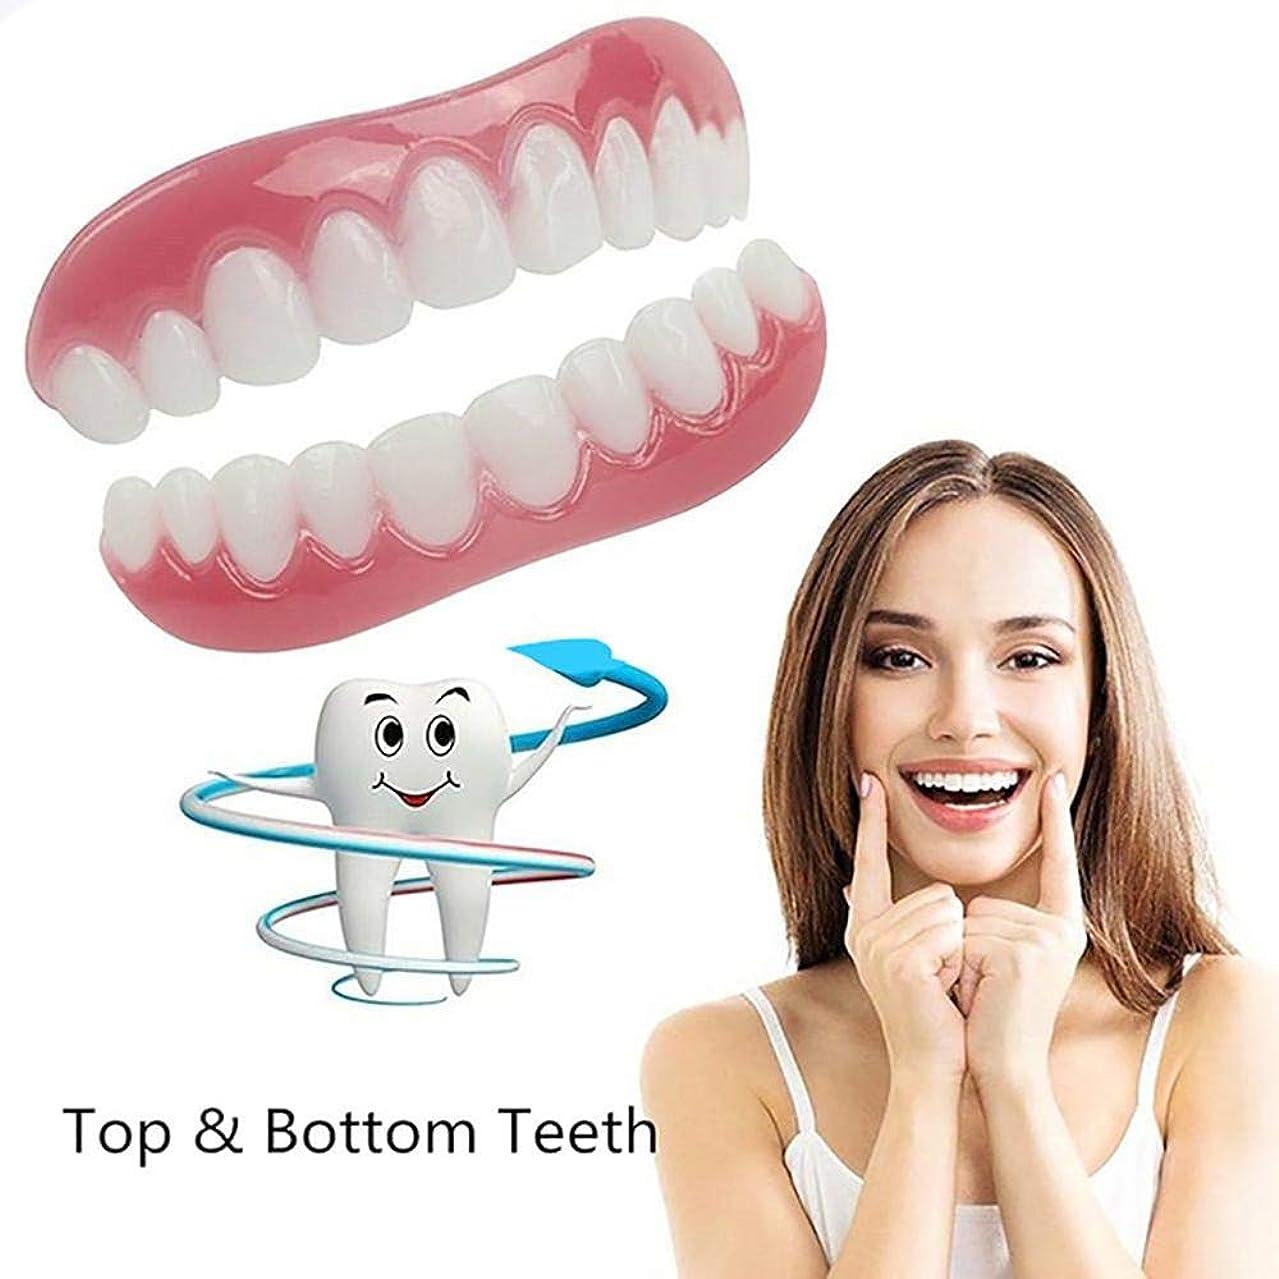 スケジュール二年生プロット義歯口腔ケア歯が安全に詰まっている上部下部シリコンブレースを白くする笑顔の悪い歯を矯正するために新しい笑顔に使用,26pairs